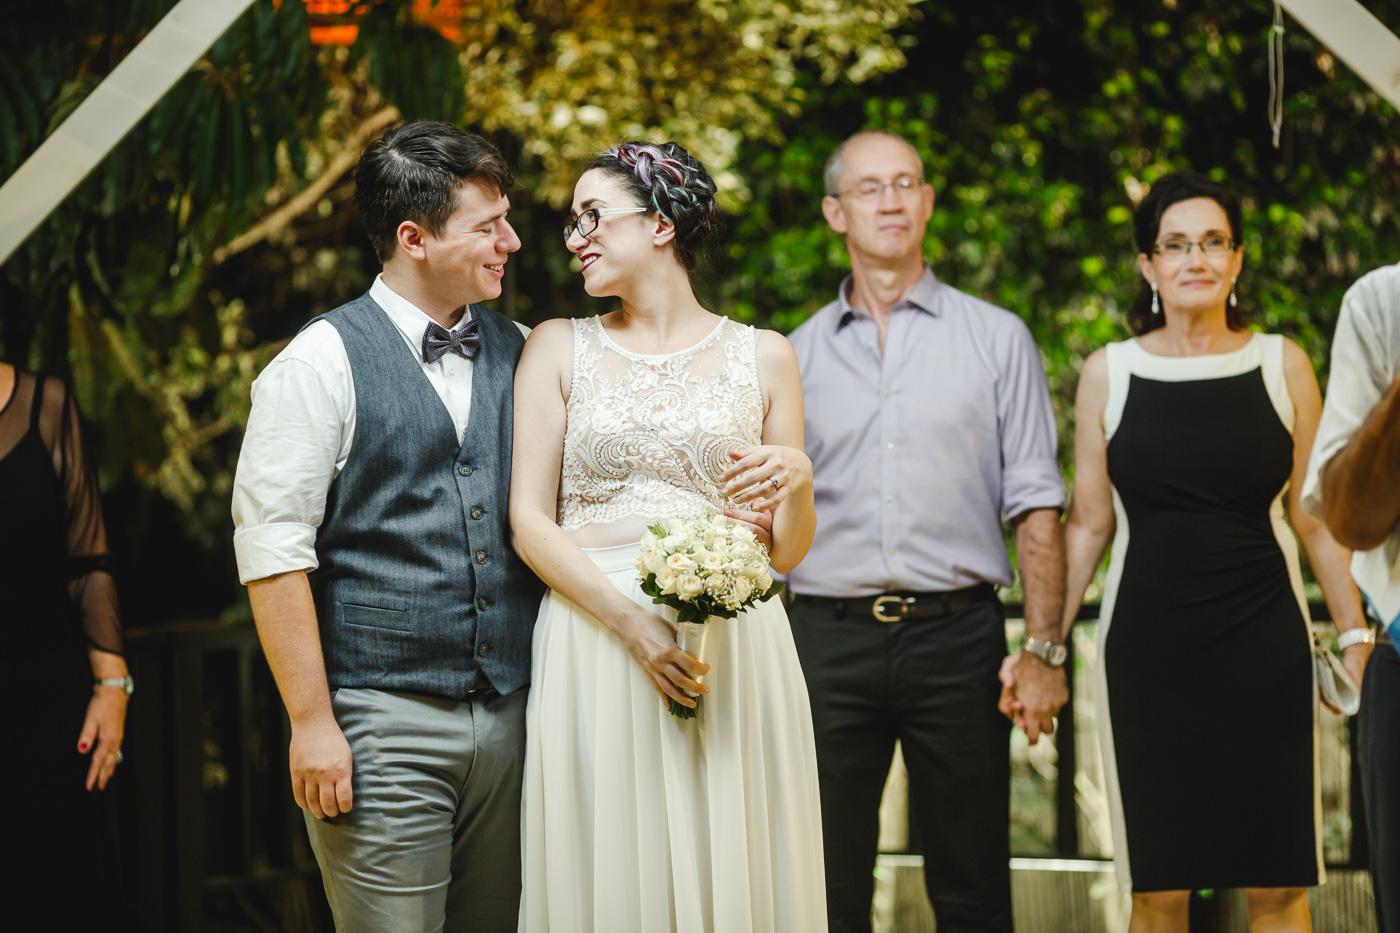 Leore & Yiftach wedding_0541.jpg